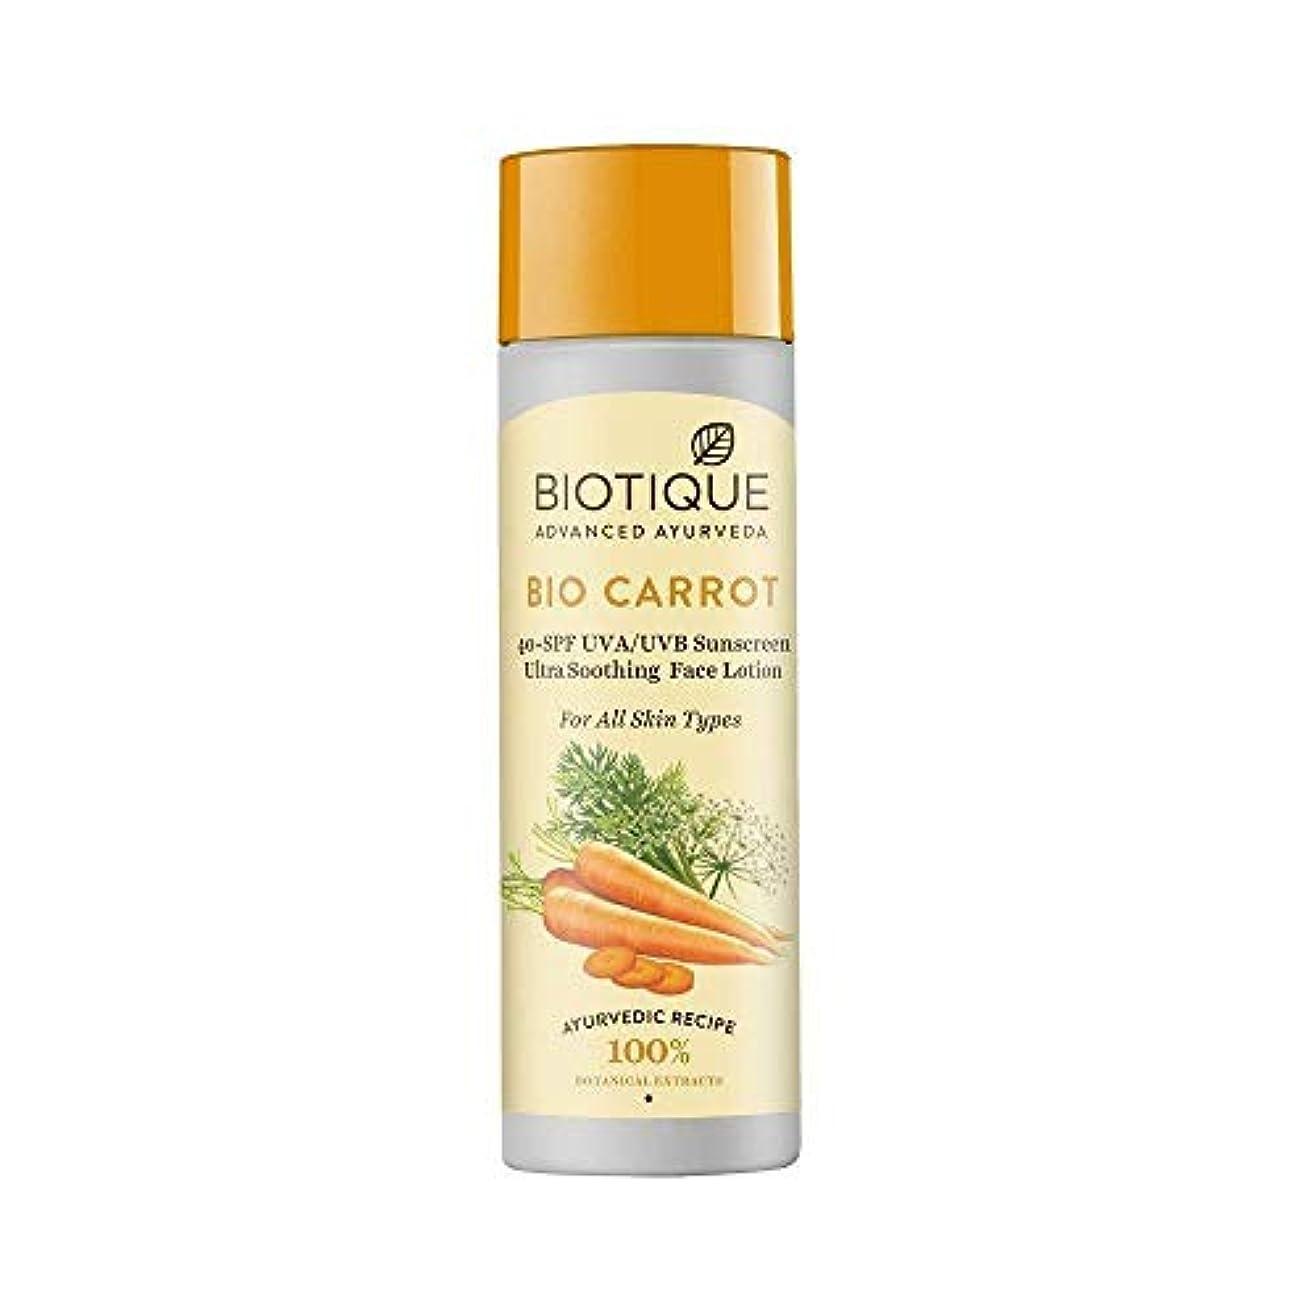 タックル数学的な不十分Biotique Bio Carrot Face & Body Sun Lotion SPF 40 UVA/UVB Sunscreen 190ml ビオティックバイオニンジンフェイス&ボディサンローションSPF 40 UVA/UVB日焼け止め